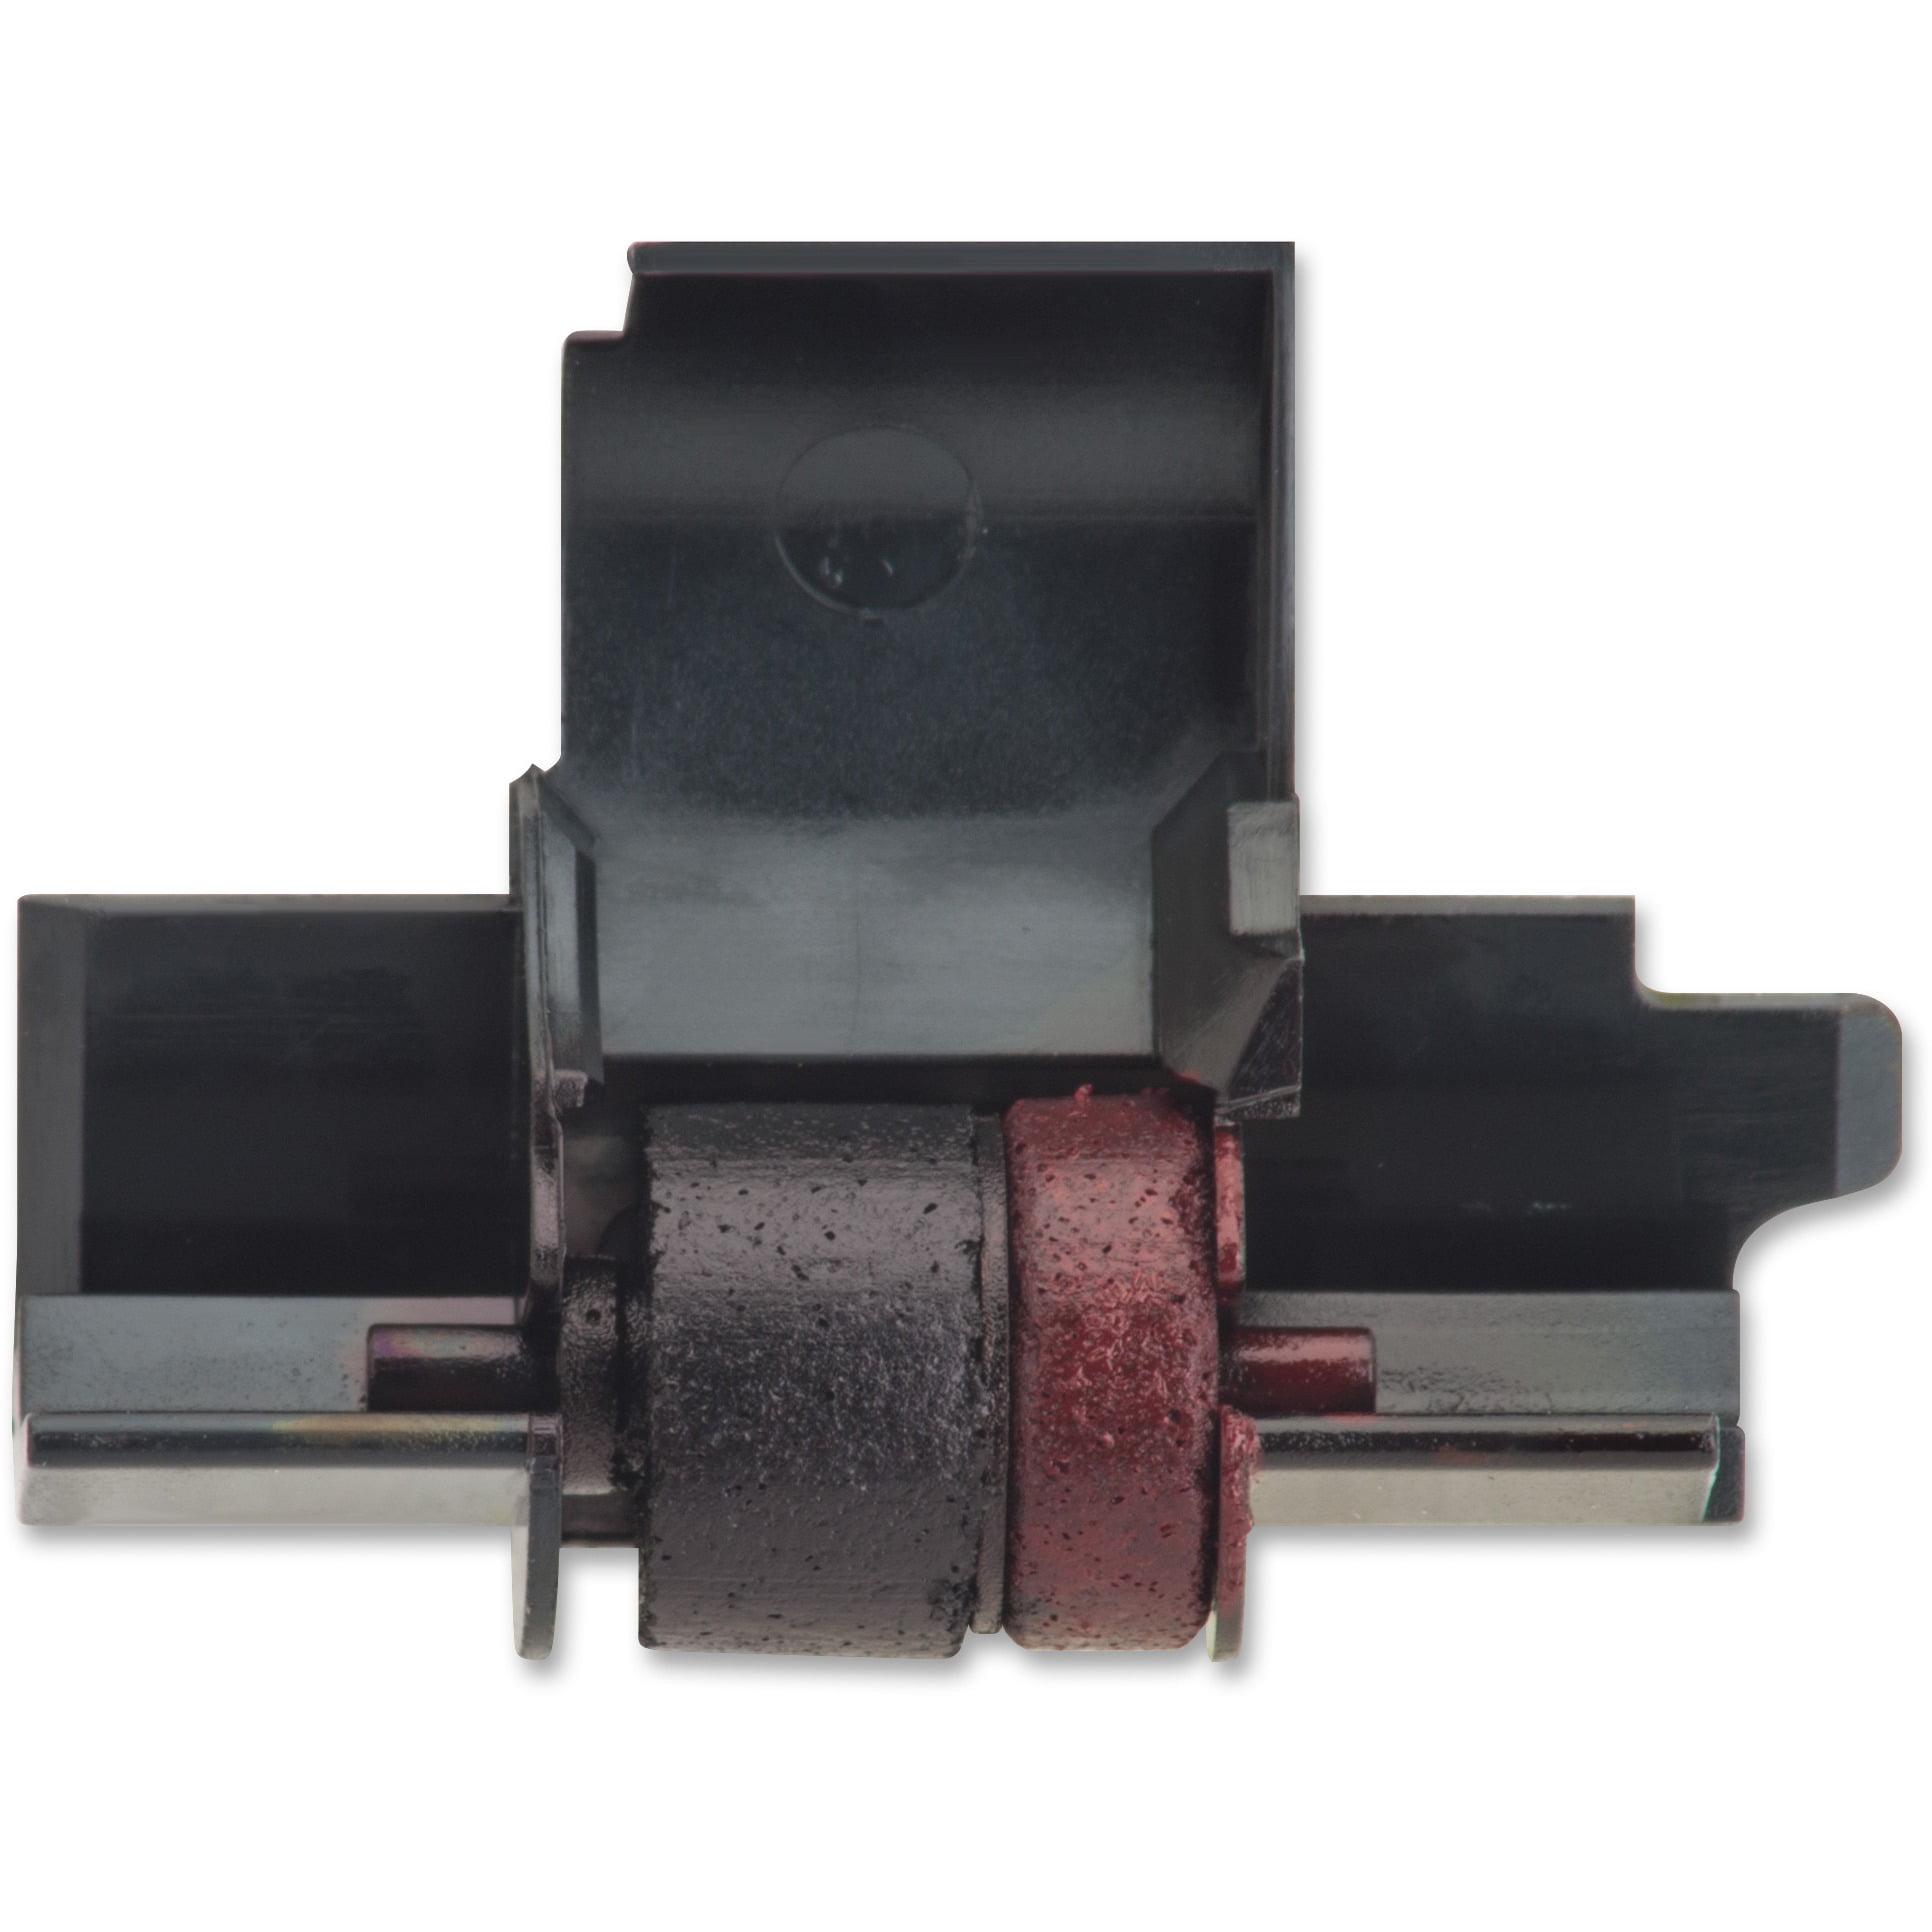 Industrias Kores, ITKKOR42, KOR42 Calculator Ink Roller, 1 Each